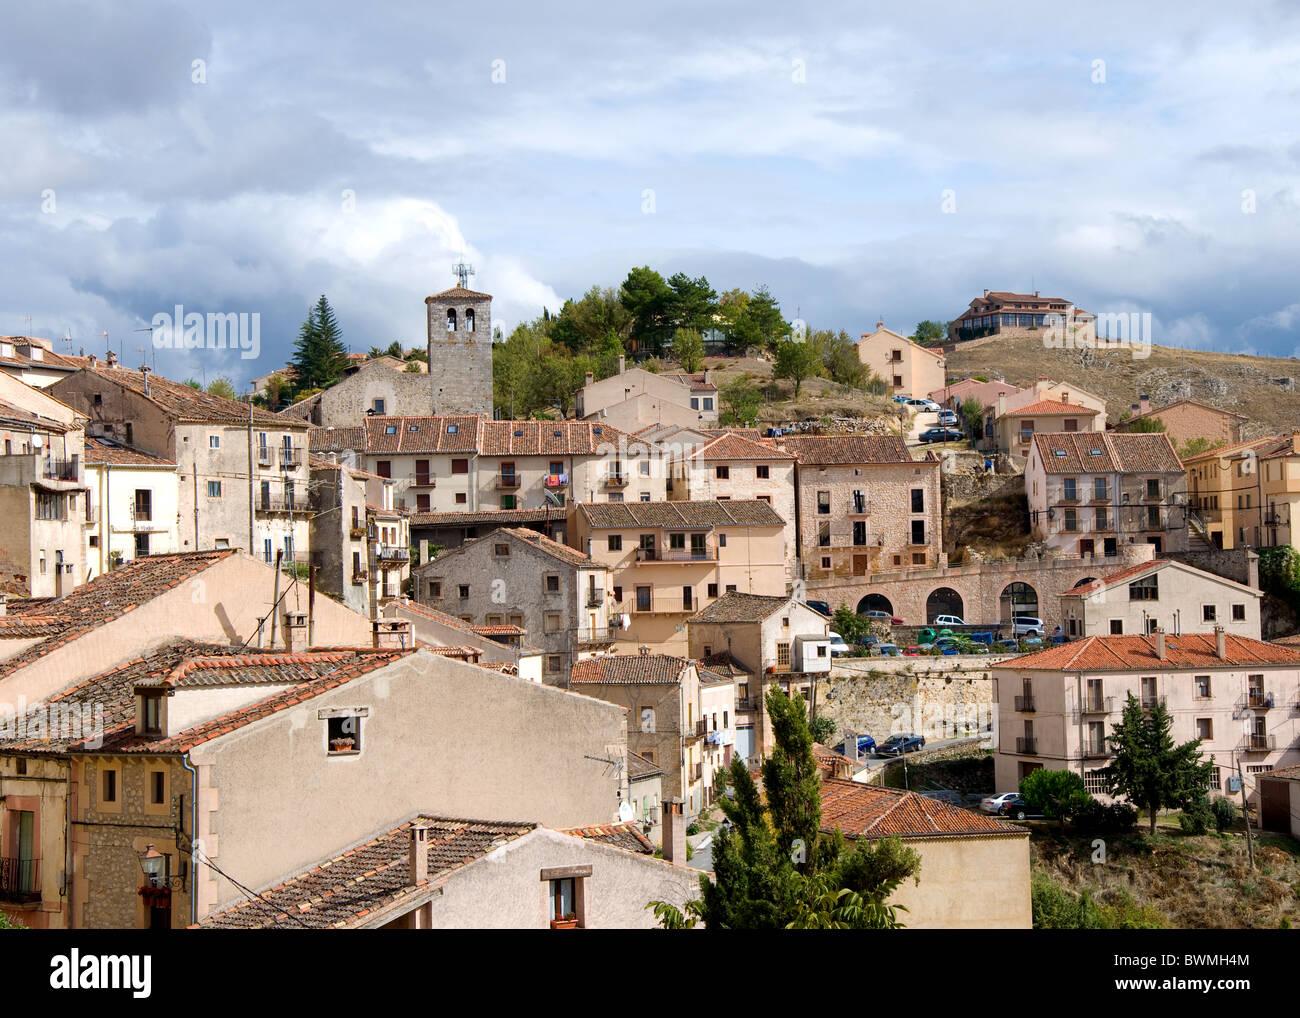 Sepulveda, Segovia, Castilla y Leon, Spain - Stock Image